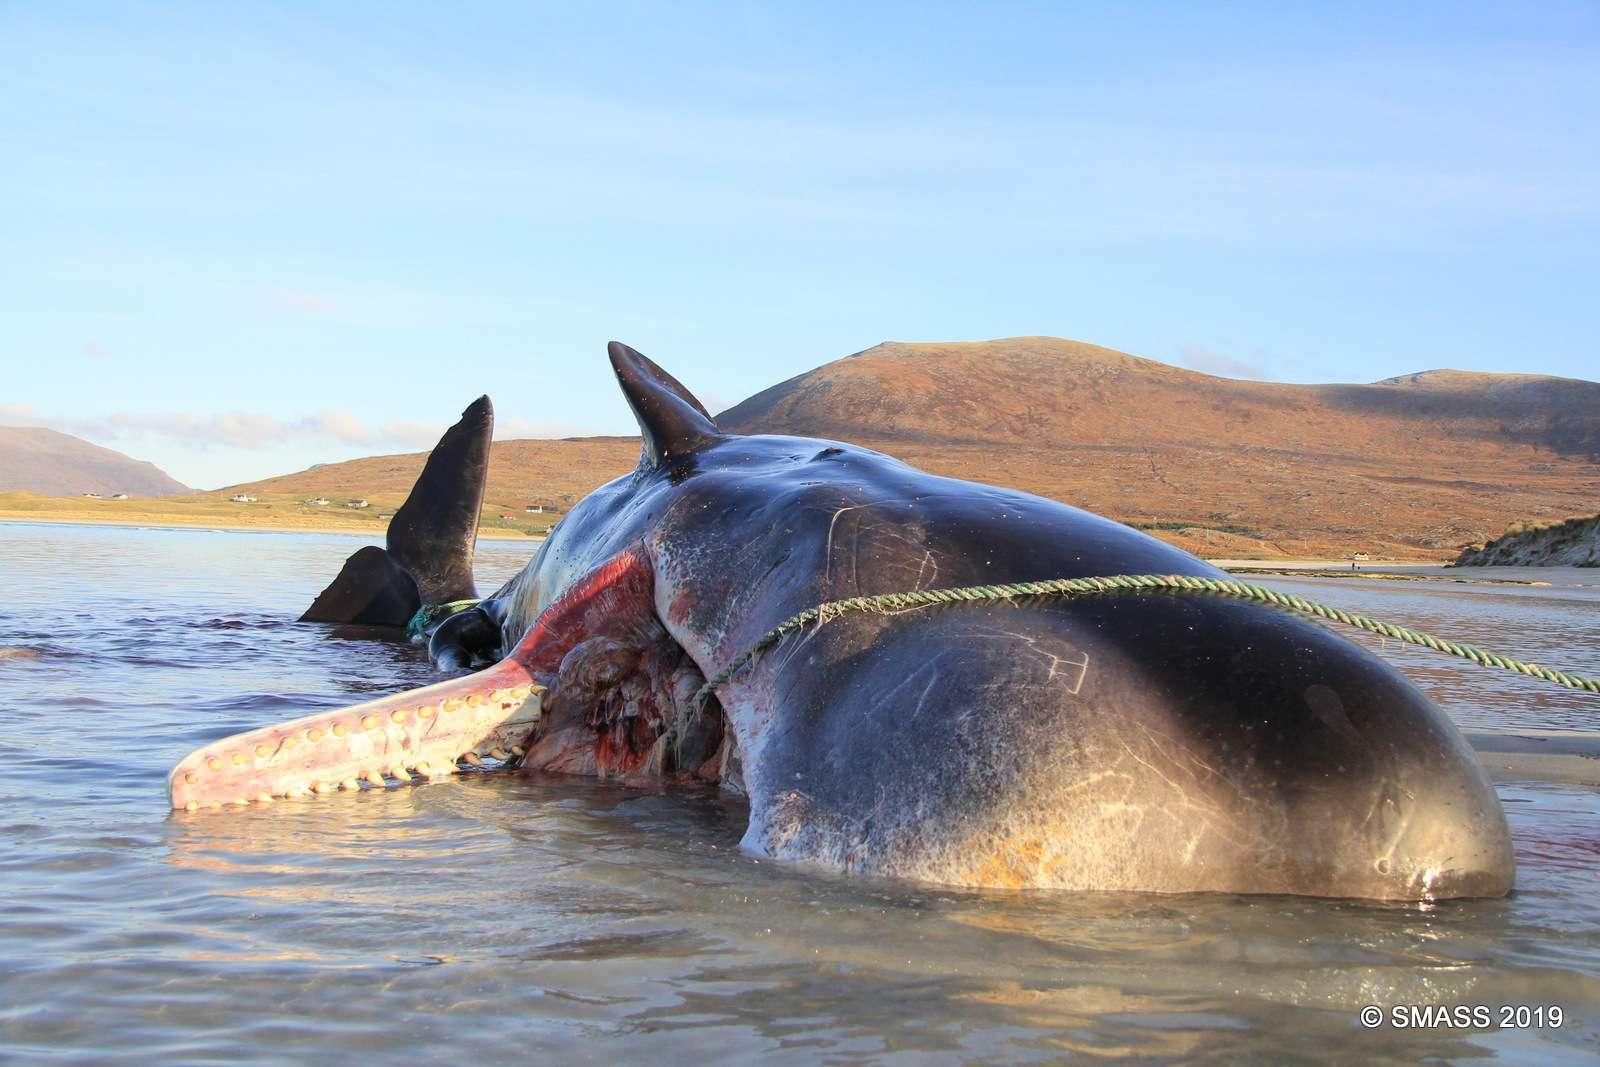 Un cachalot s'est échoué en Écosse avec une boule d'ordure de plus de 100 kilogrammes dans l'estomac. © Smass 2019